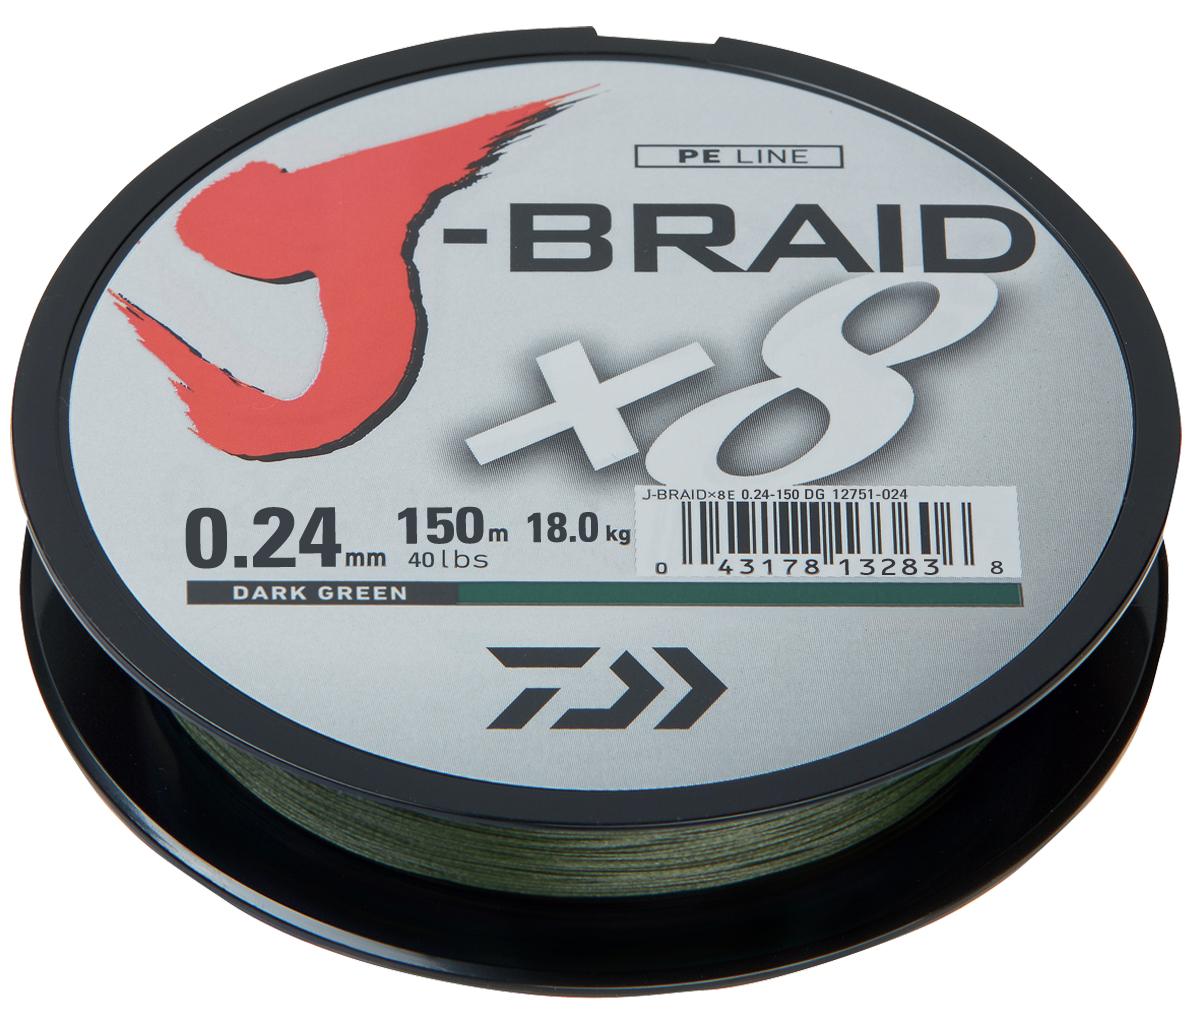 Шнур плетеный Daiwa J-Braid X8, цвет: зеленый, 150 м, 0,24 мм61105J-Braid от DAIWA - исключительный шнур с плетением в 8 нитей. Он полностью удовлетворяет всем требованиям, предъявляемым высококачественным плетеным шнурам. Неважно, собрались ли вы ловить крупных морских хищников, как палтус, треска или сайда, или окуня и судака, с вашим новым J-Braid вы всегда контролируете рыбу. J-Braid предлагает соответствующий диаметр для любых техник ловли: море, река или озеро - невероятно прочный и надежный. J-Braid скользит через кольца, обеспечивая дальний и точный заброс даже самых легких приманок. Идеален для спиннинговых и бейткастинговых катушек! Невероятное соотношение цены и качества!